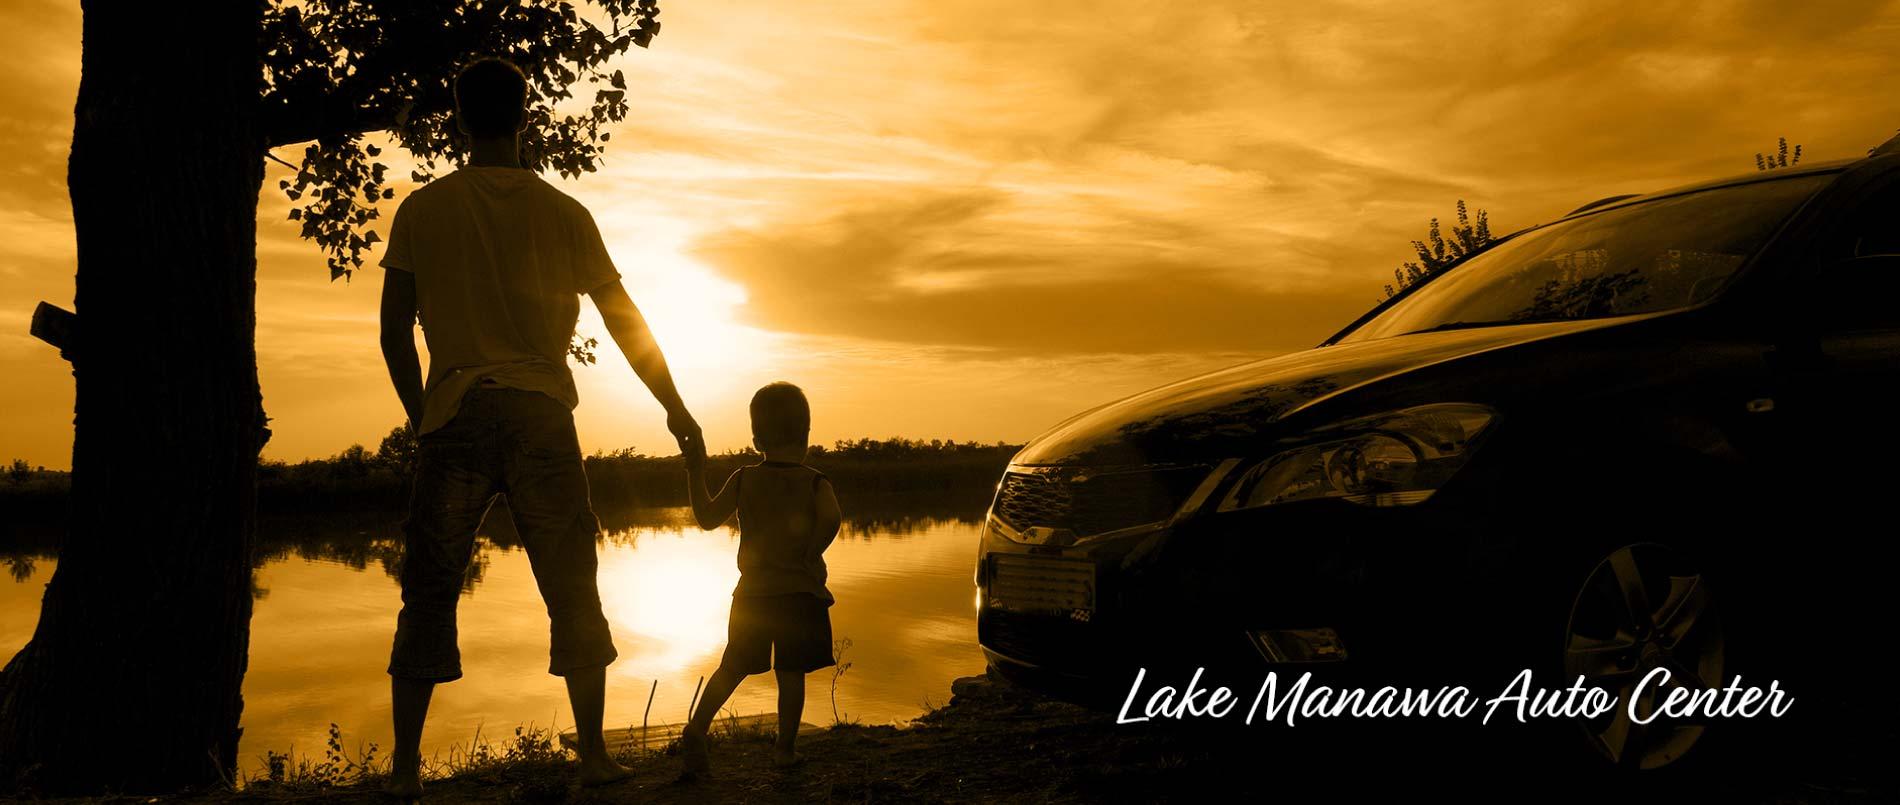 Lake Manawa Auto Center